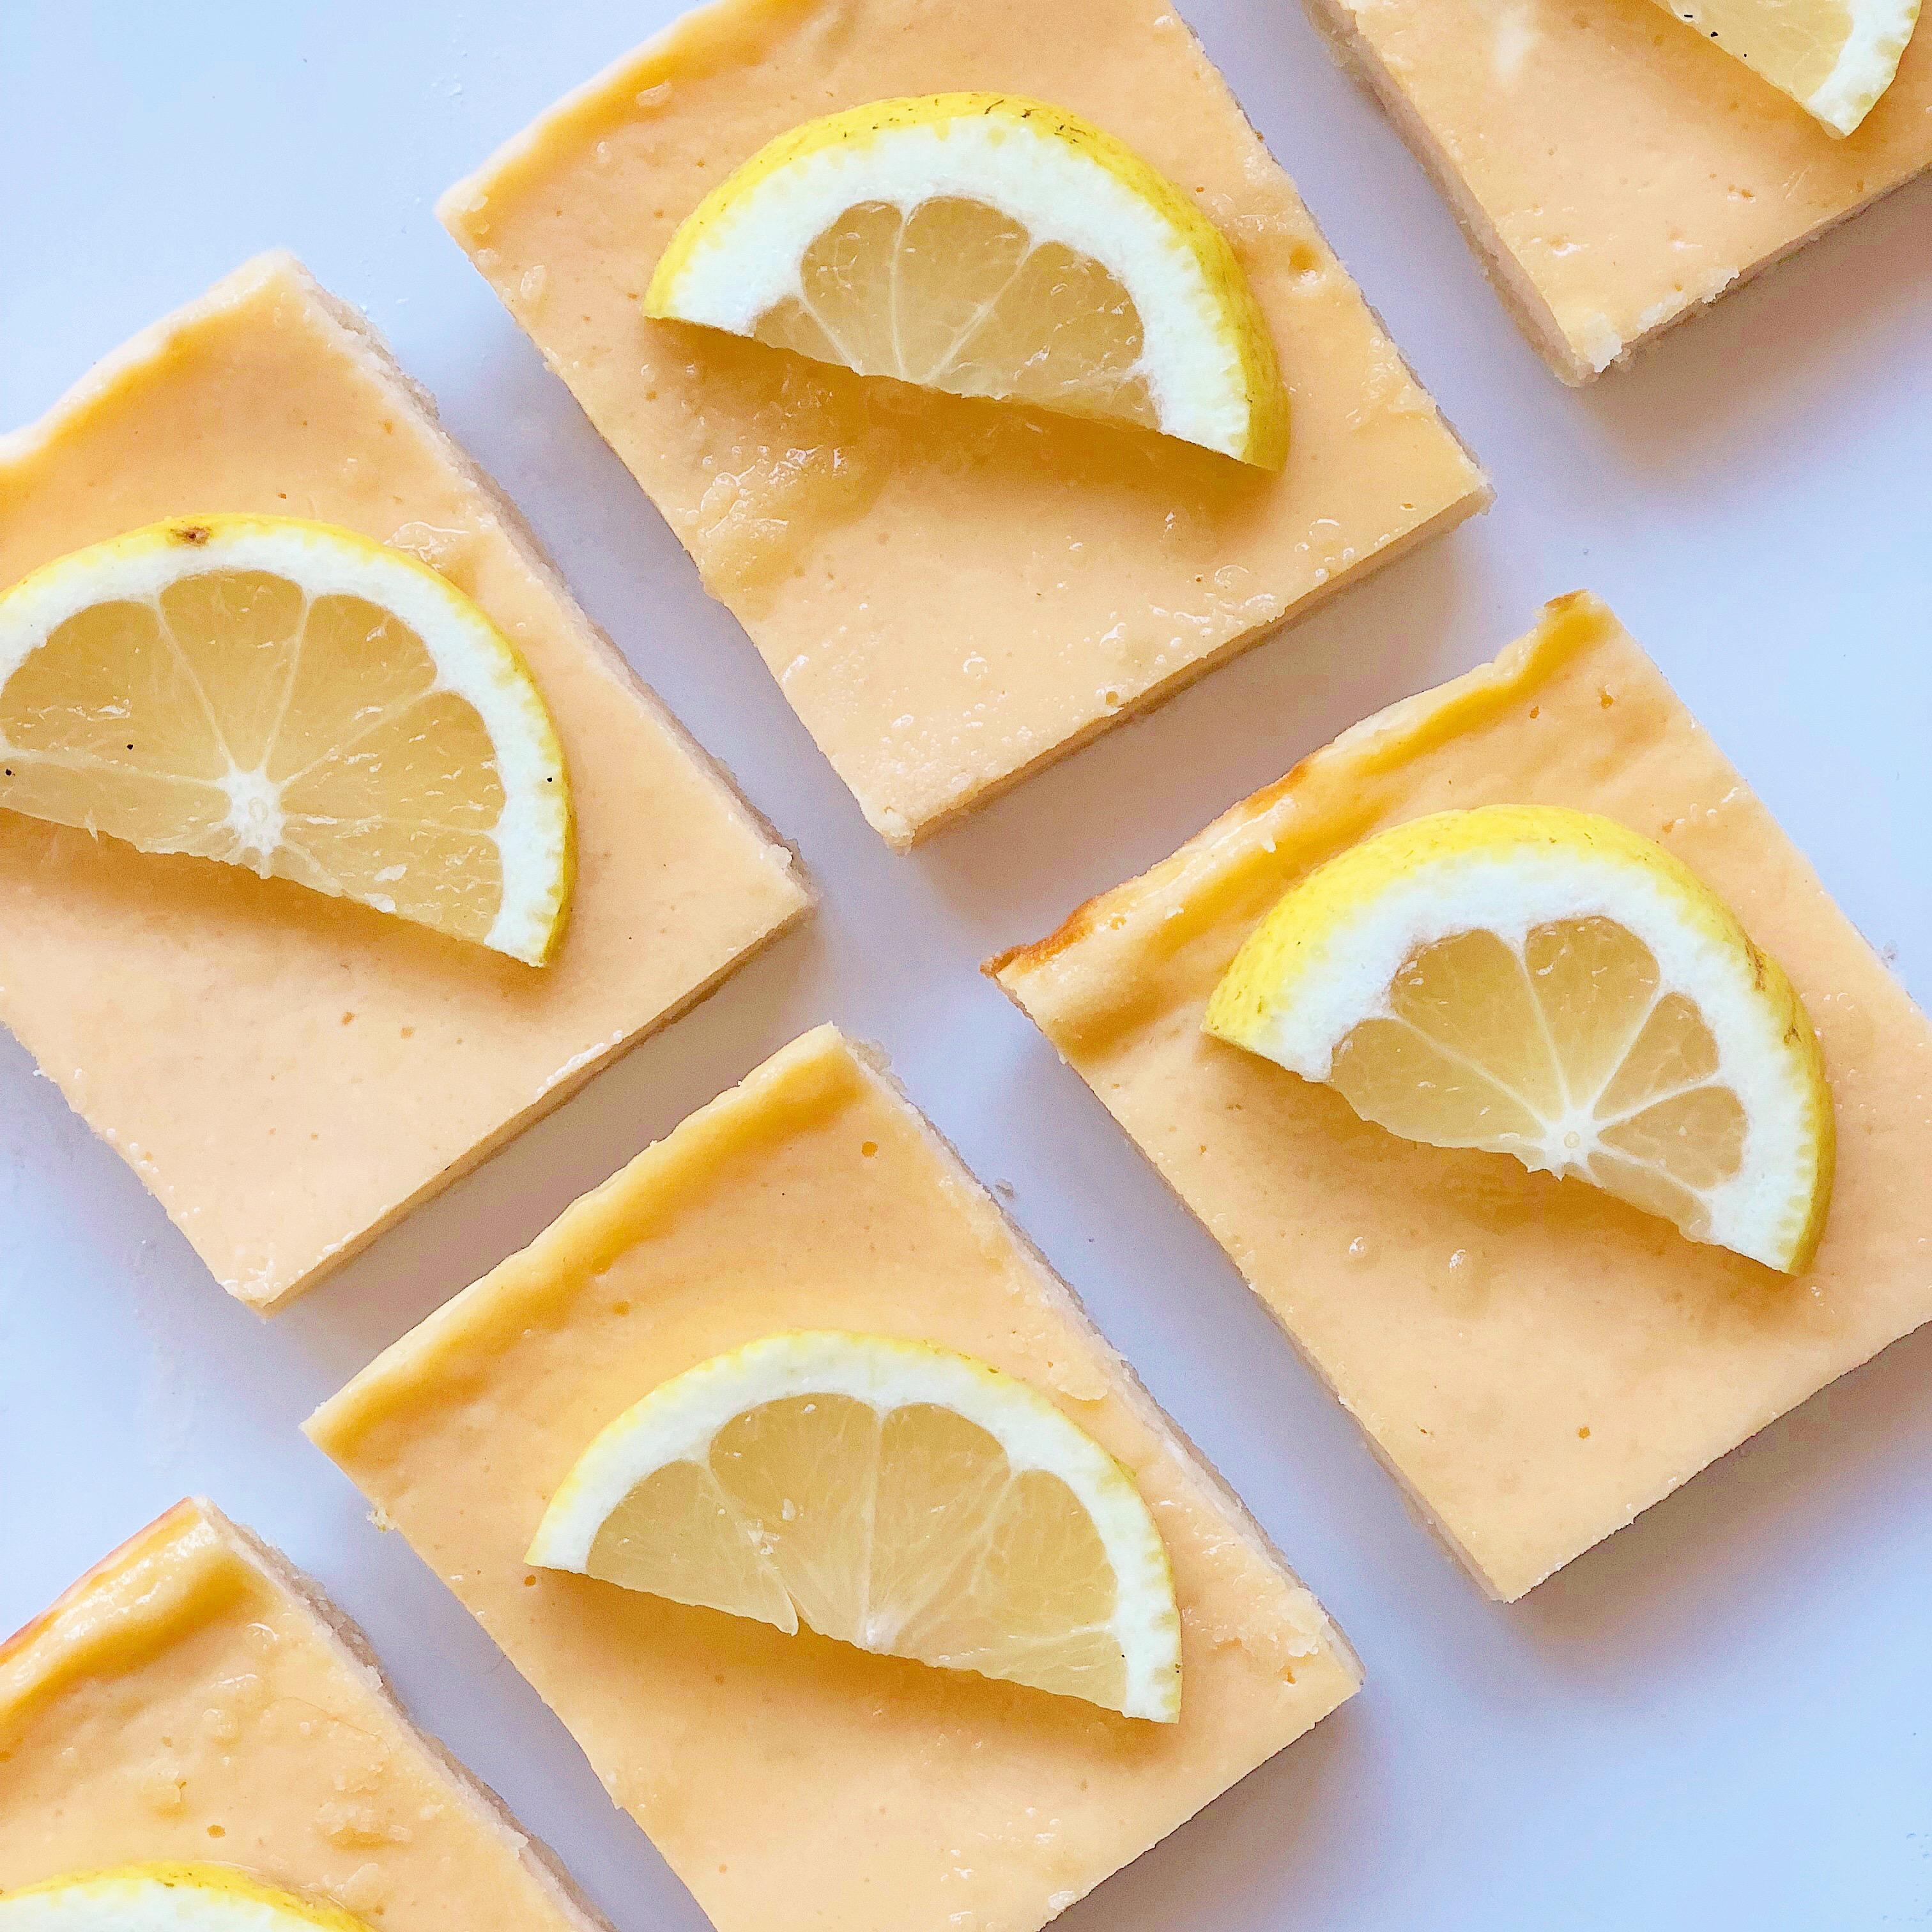 Lemon Bars Senza Burro, un concentrato di gusto senza sensi di colpa di dolci senza burro